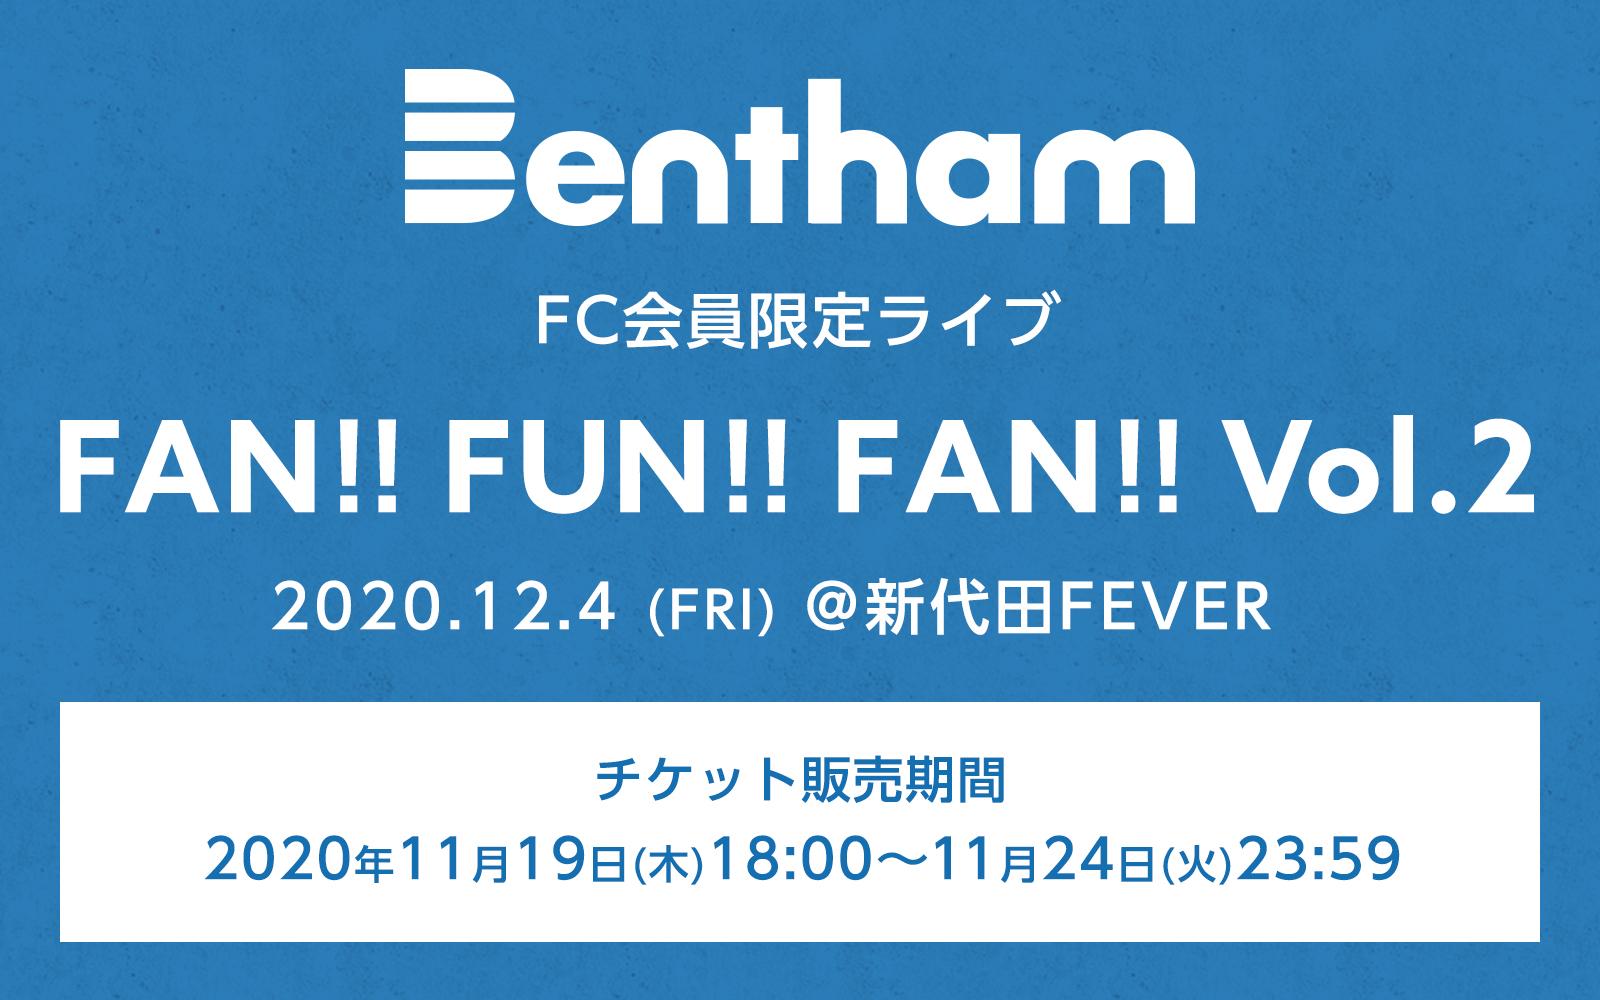 FAN!! FUN!! FAN!! Vol.2